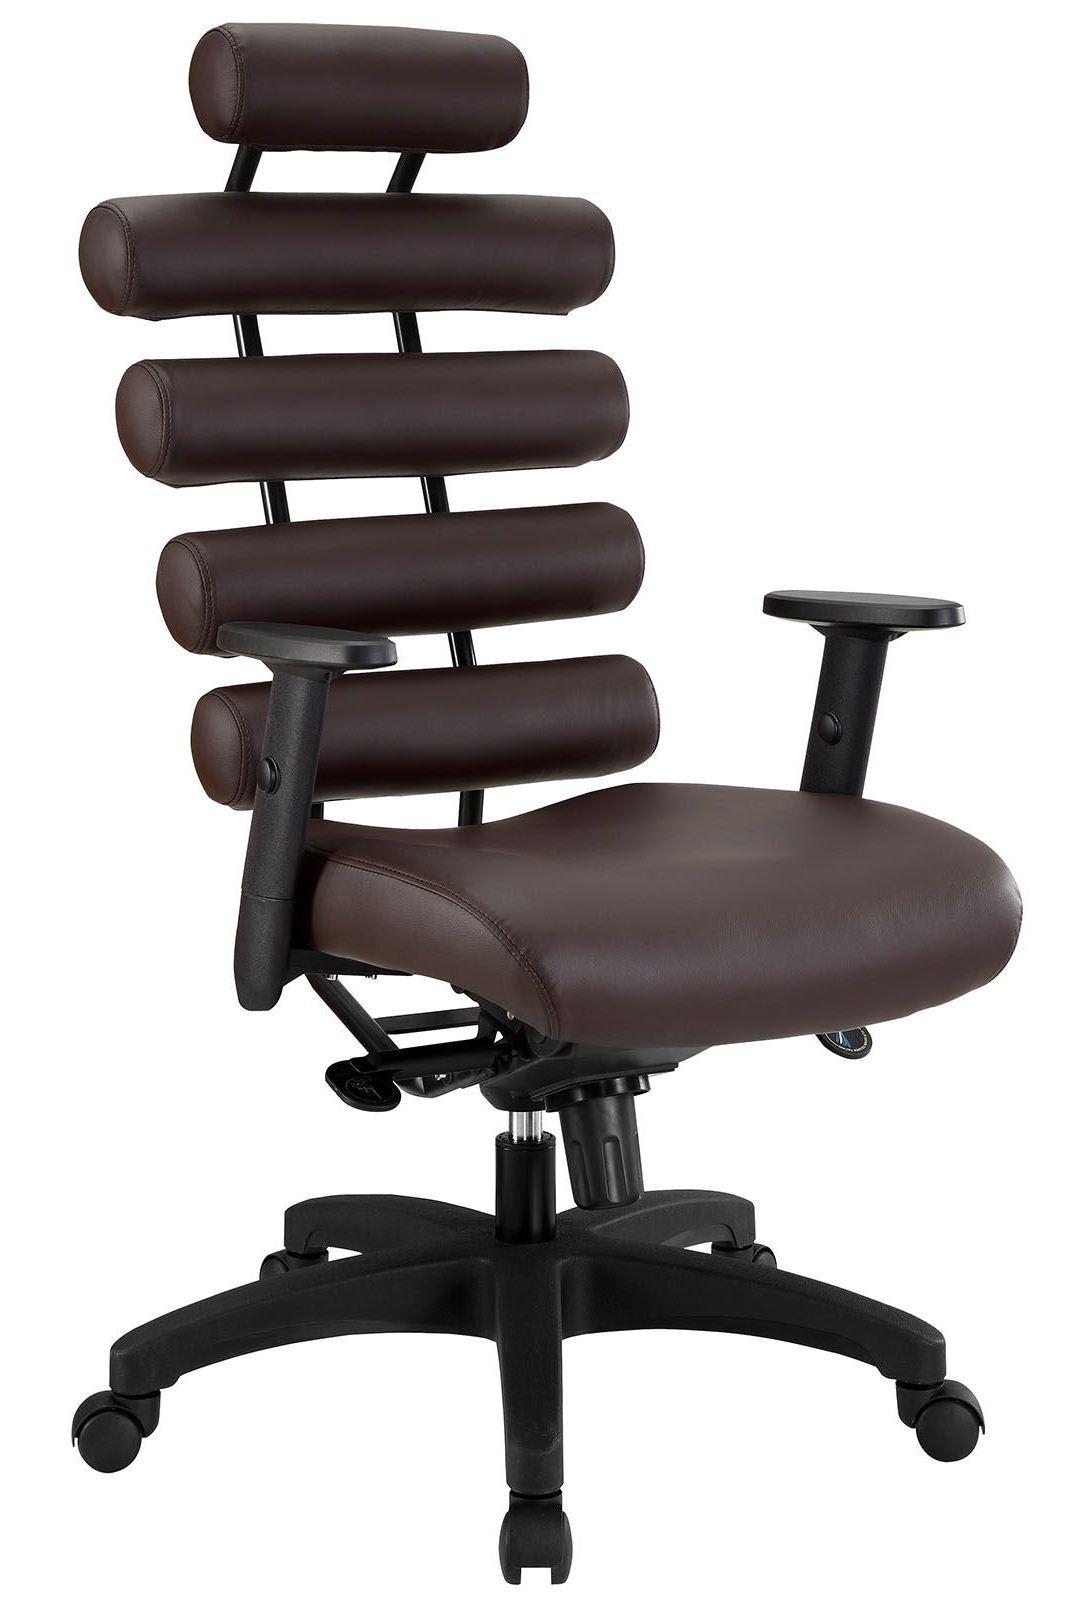 pillow dark brown office chair from renegade eei 274 coleman